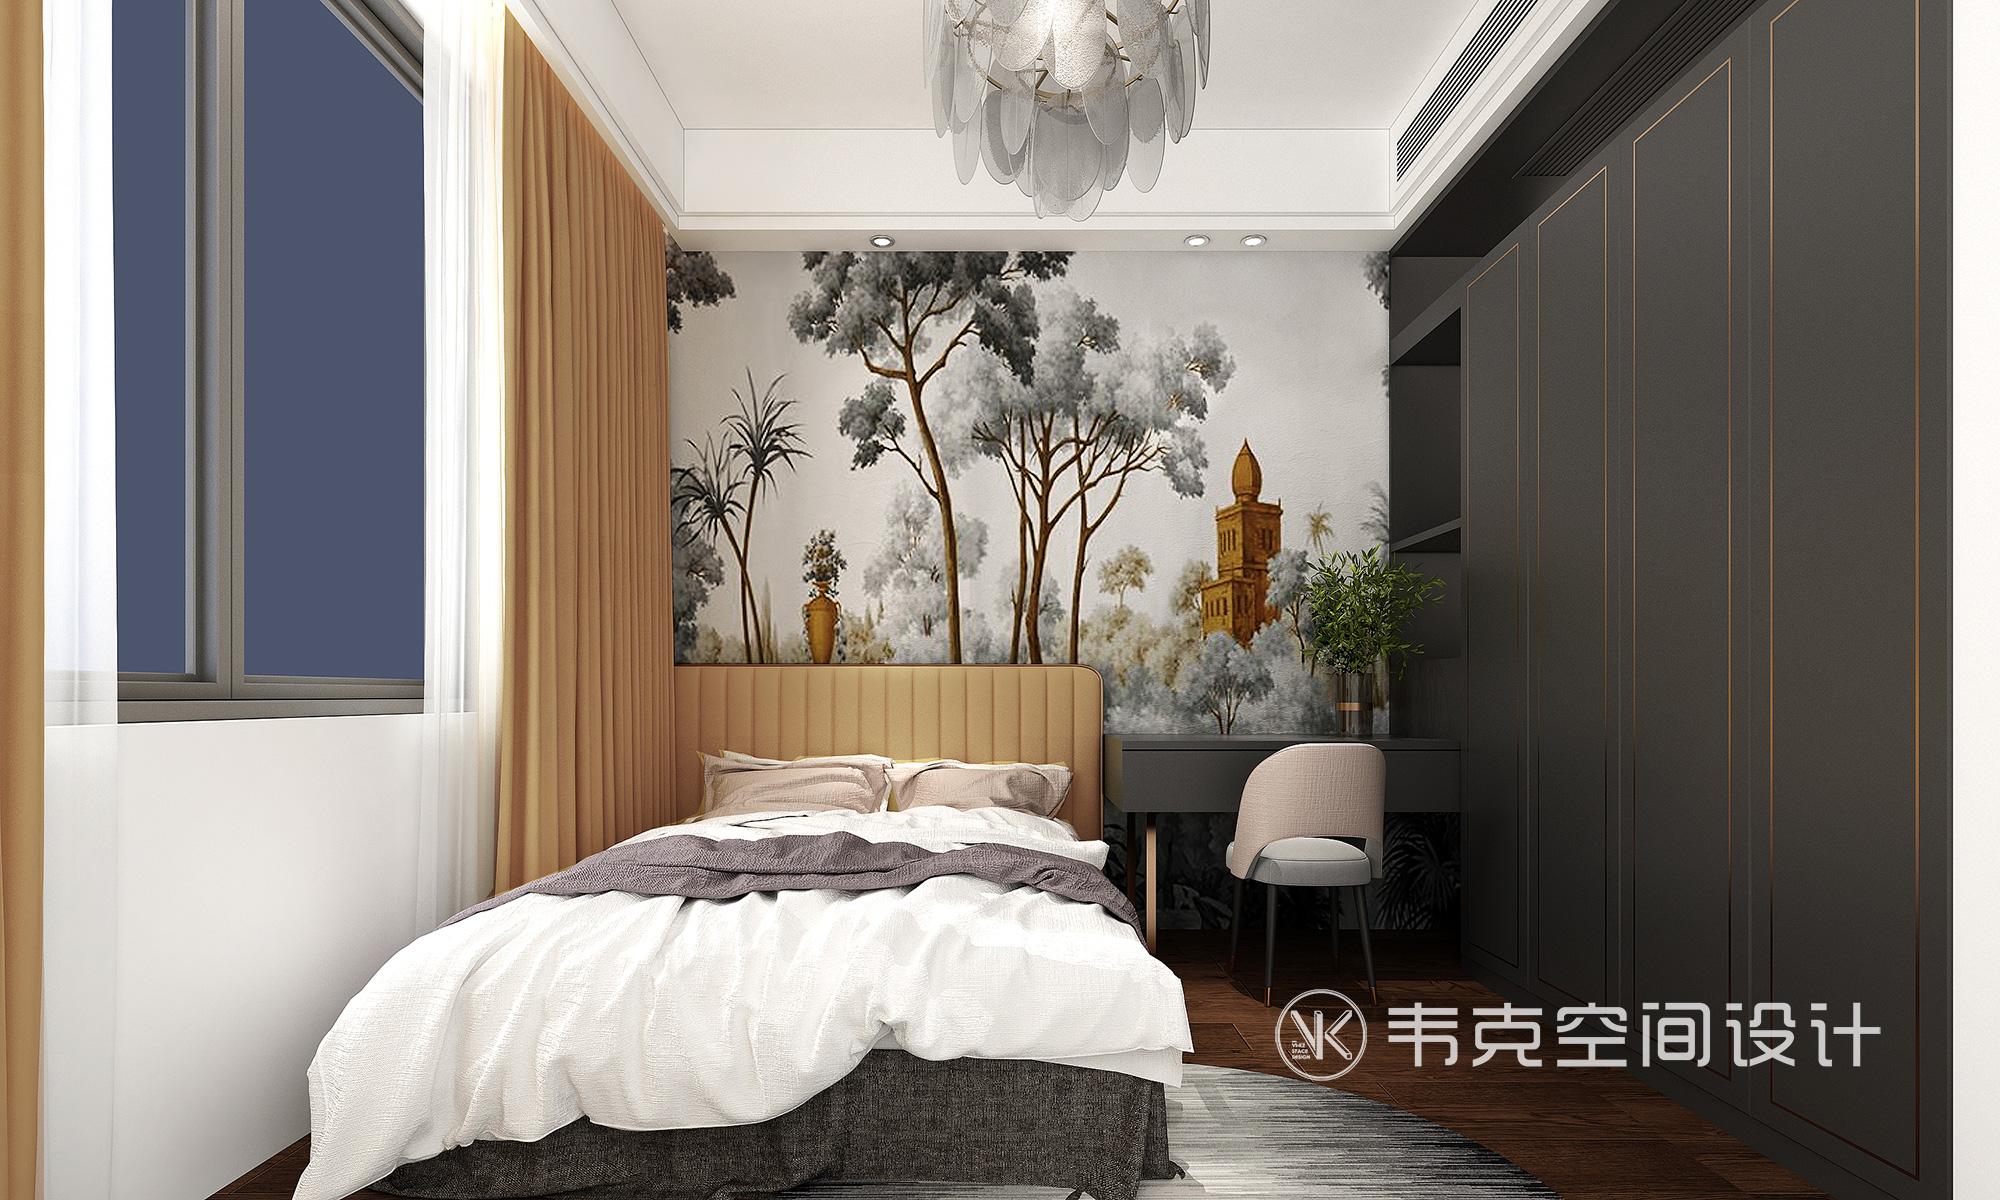 5室 轻奢 卧室图片来自韦克空间设计在韦克丨撩人心扉的美的分享